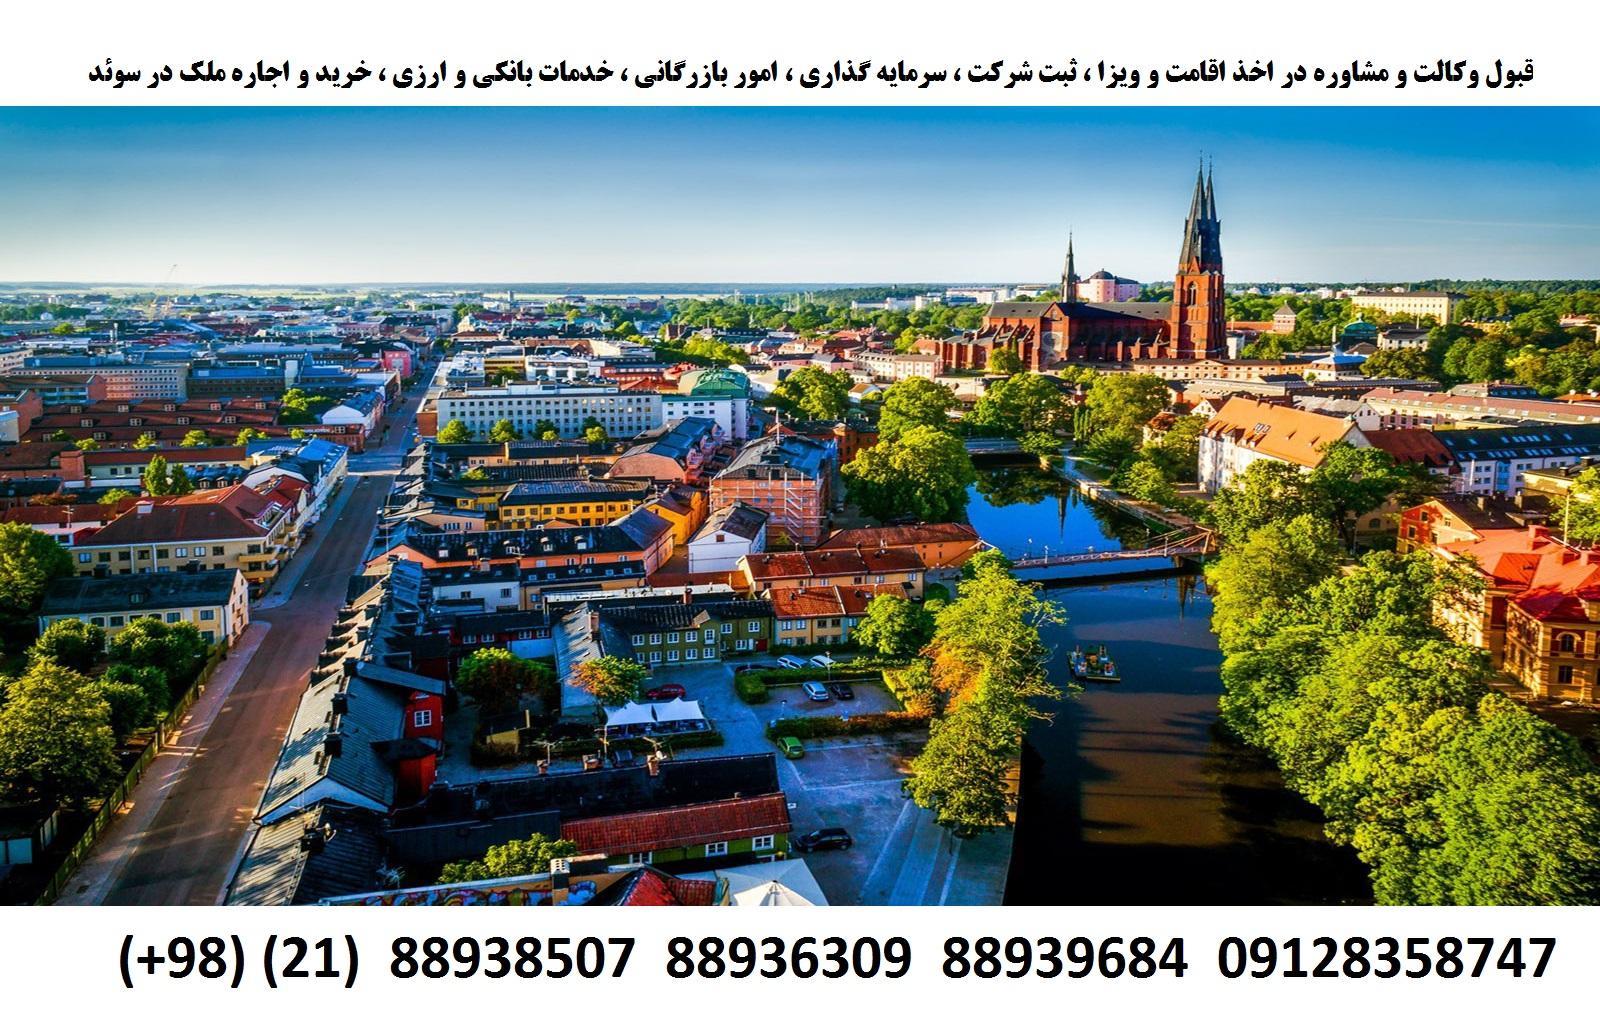 اقامت ، ویزا ، ثبت شرکت ، سرمایه گذاری در کشور سوئد (4)